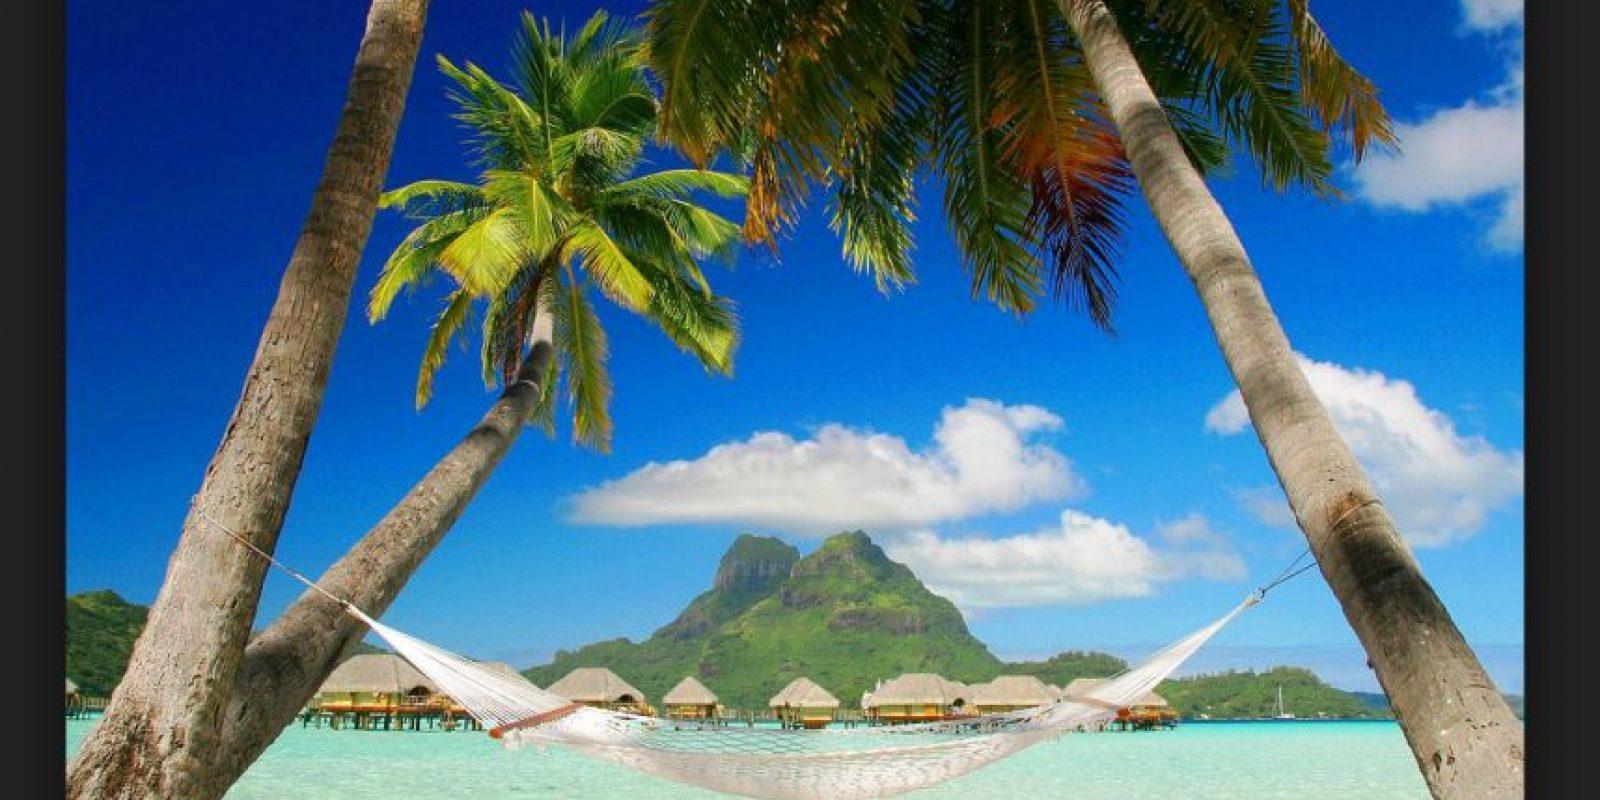 7.- Las vacaciones sí son vacaciones. Esto es por que se cuenta con dinero suficiente para escaparse a la playa o a otro país Foto:Wikicommons